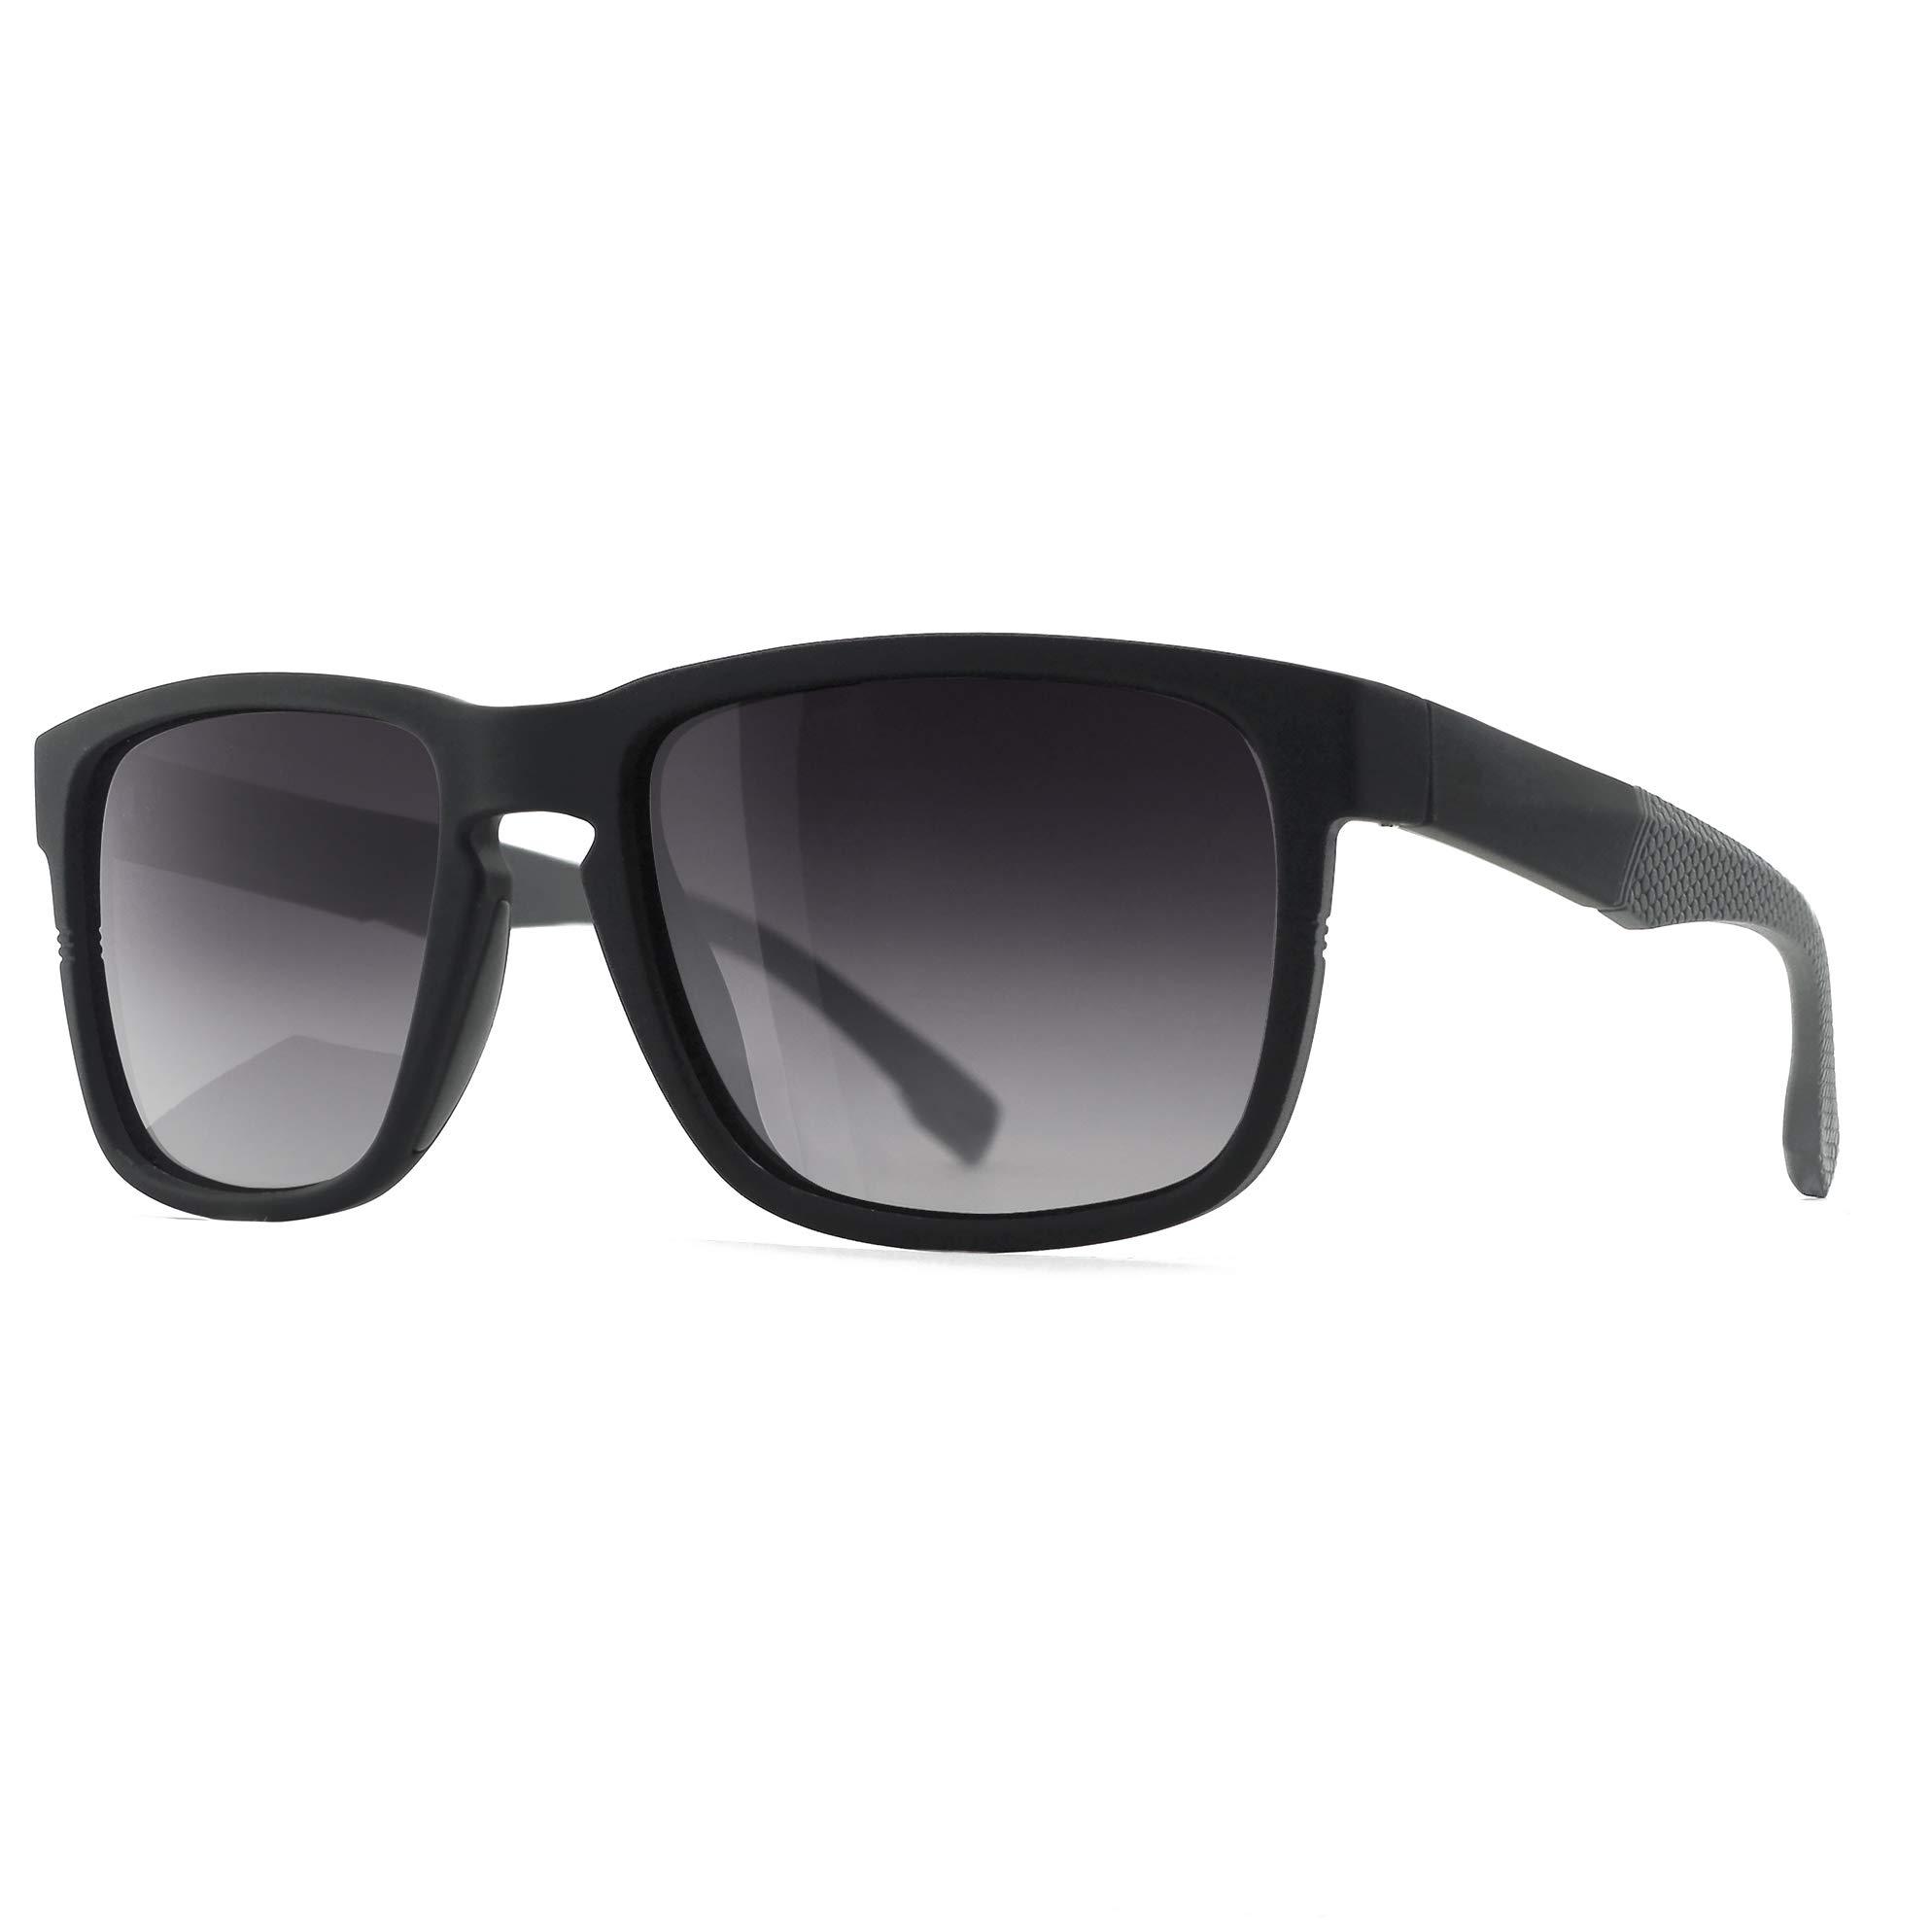 SUNGAIT Polarized Sunglasses Gradient A529HKHU